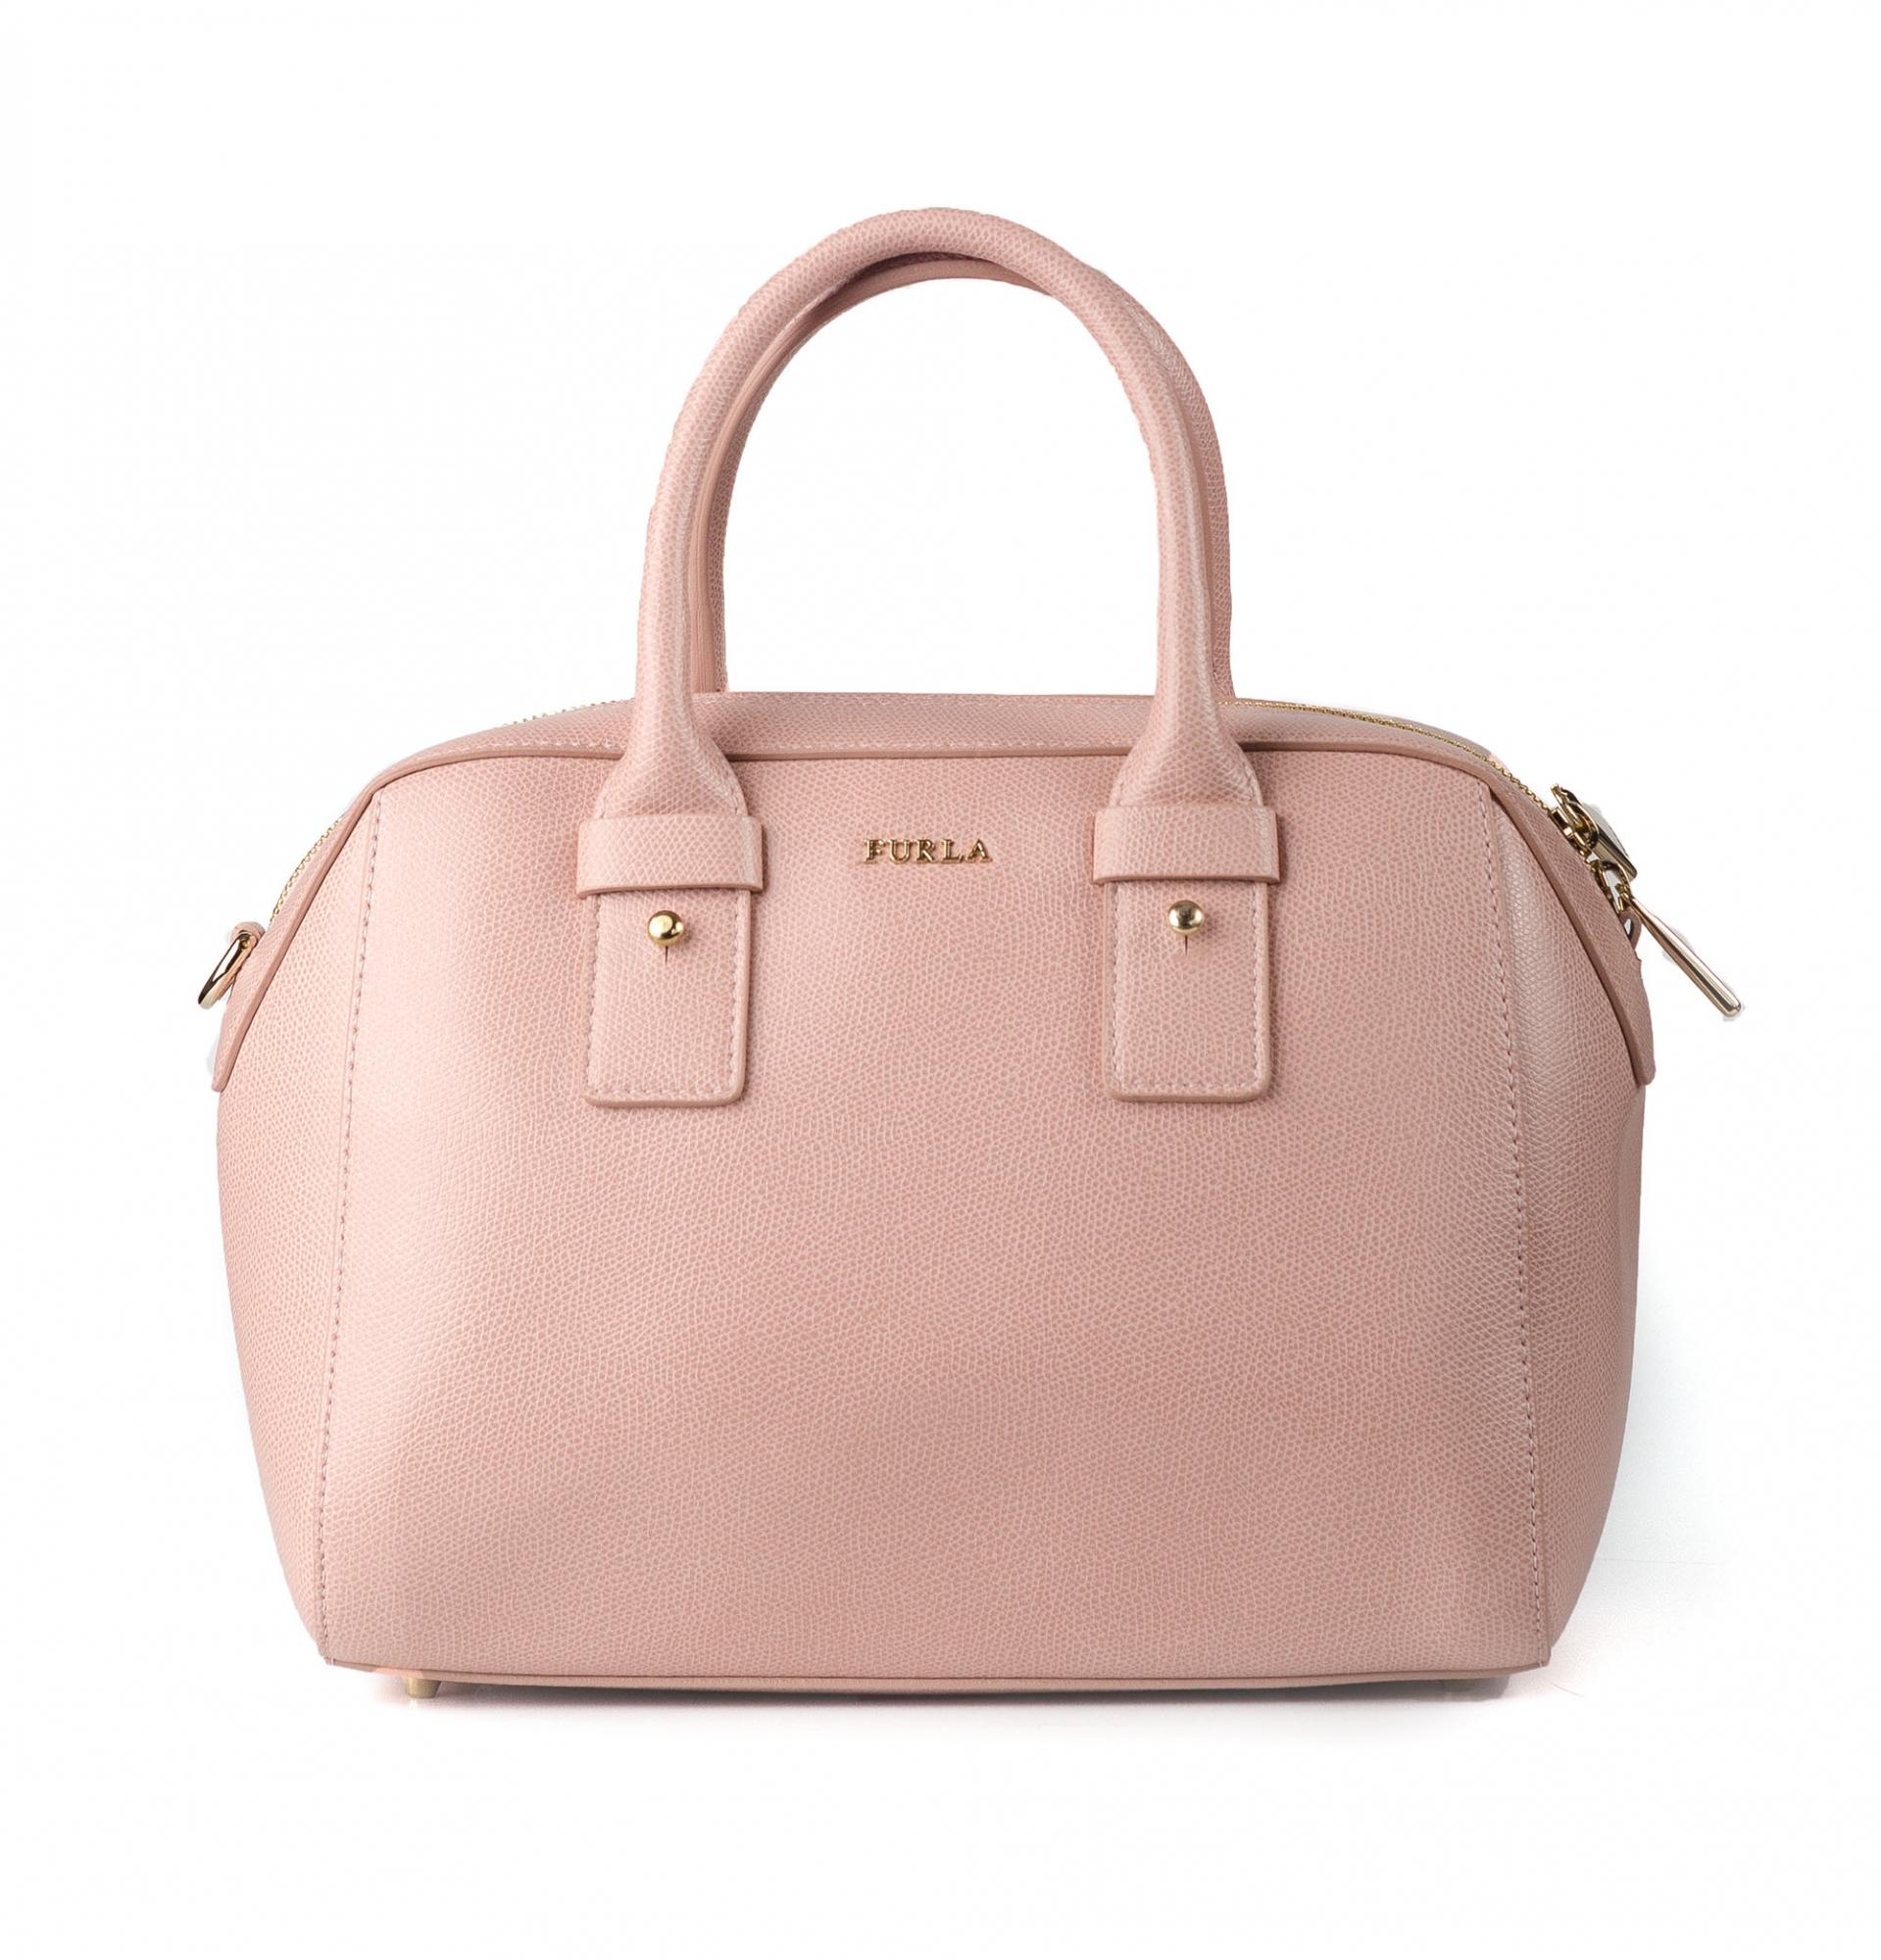 Furla Allegra – миниатюрная сумочка для прекрасного образа